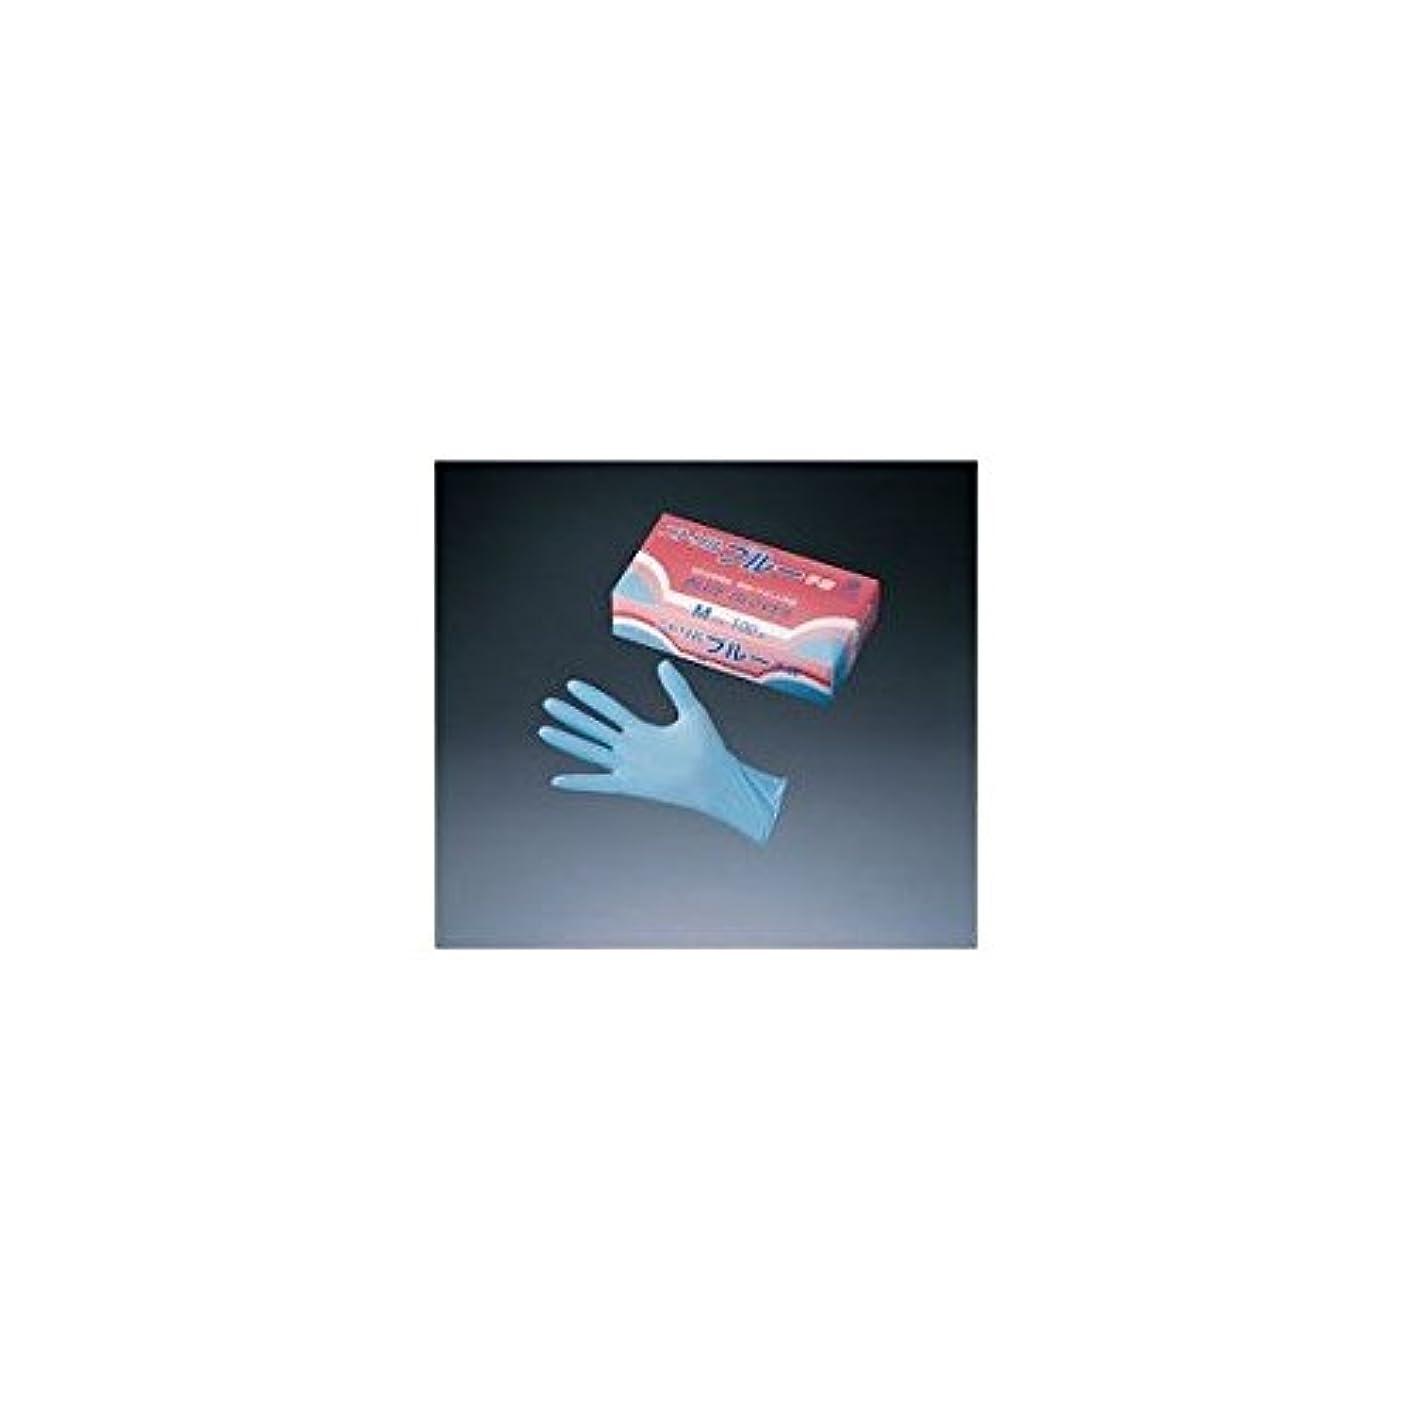 描くジャンピングジャックアソシエイト旭創業 ニトリルグローブ ブルー (100枚セット) S